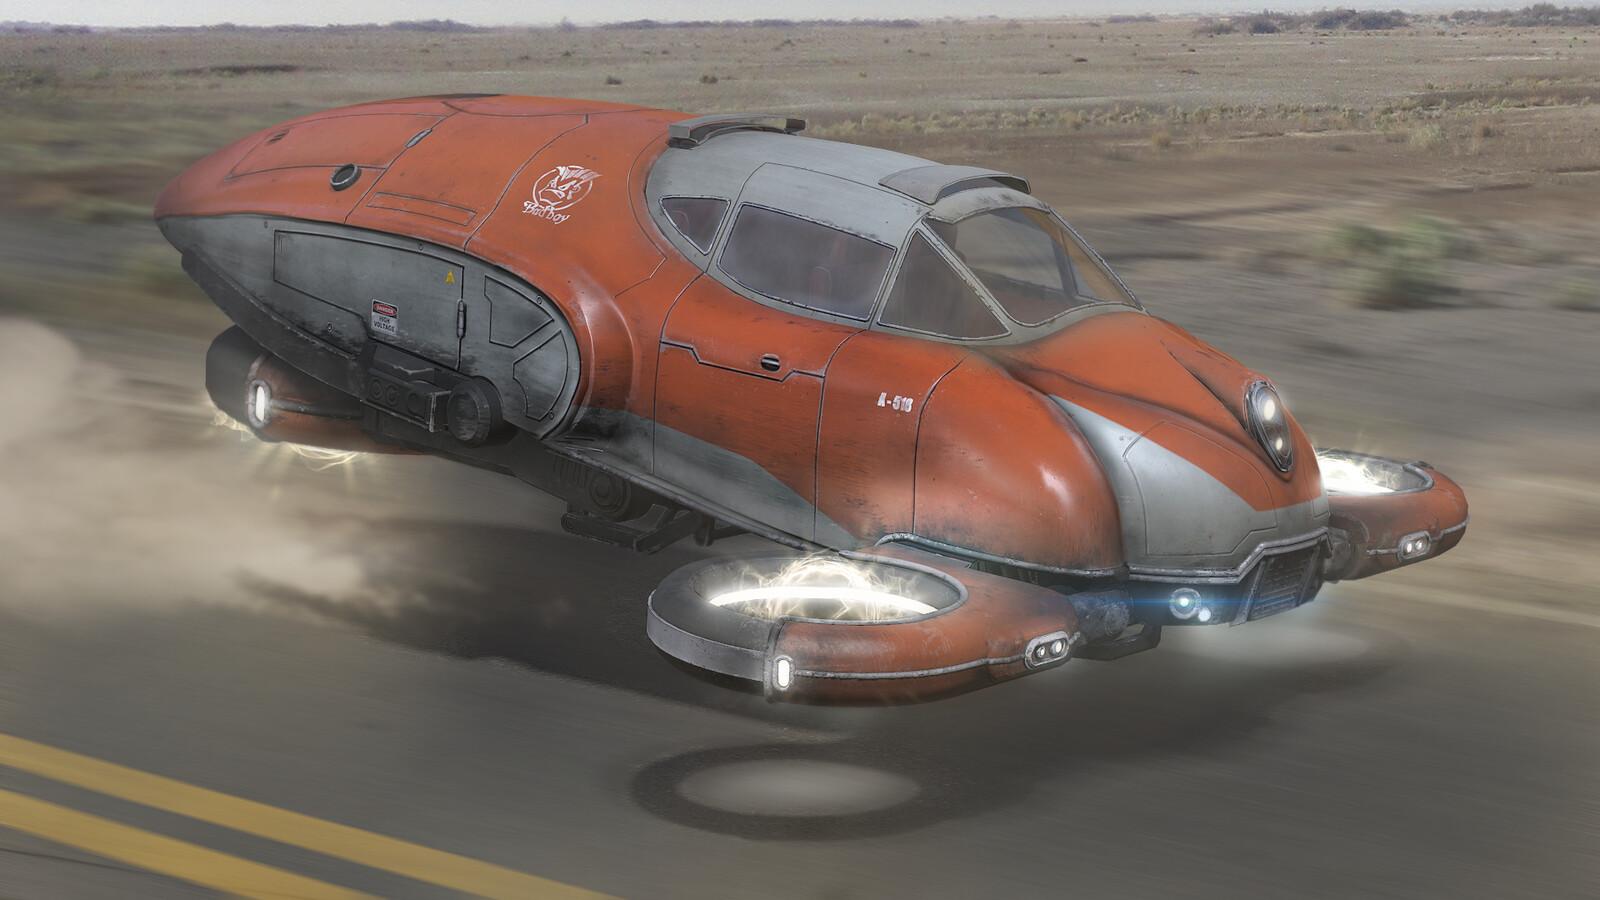 Sci-FI Hovercraft